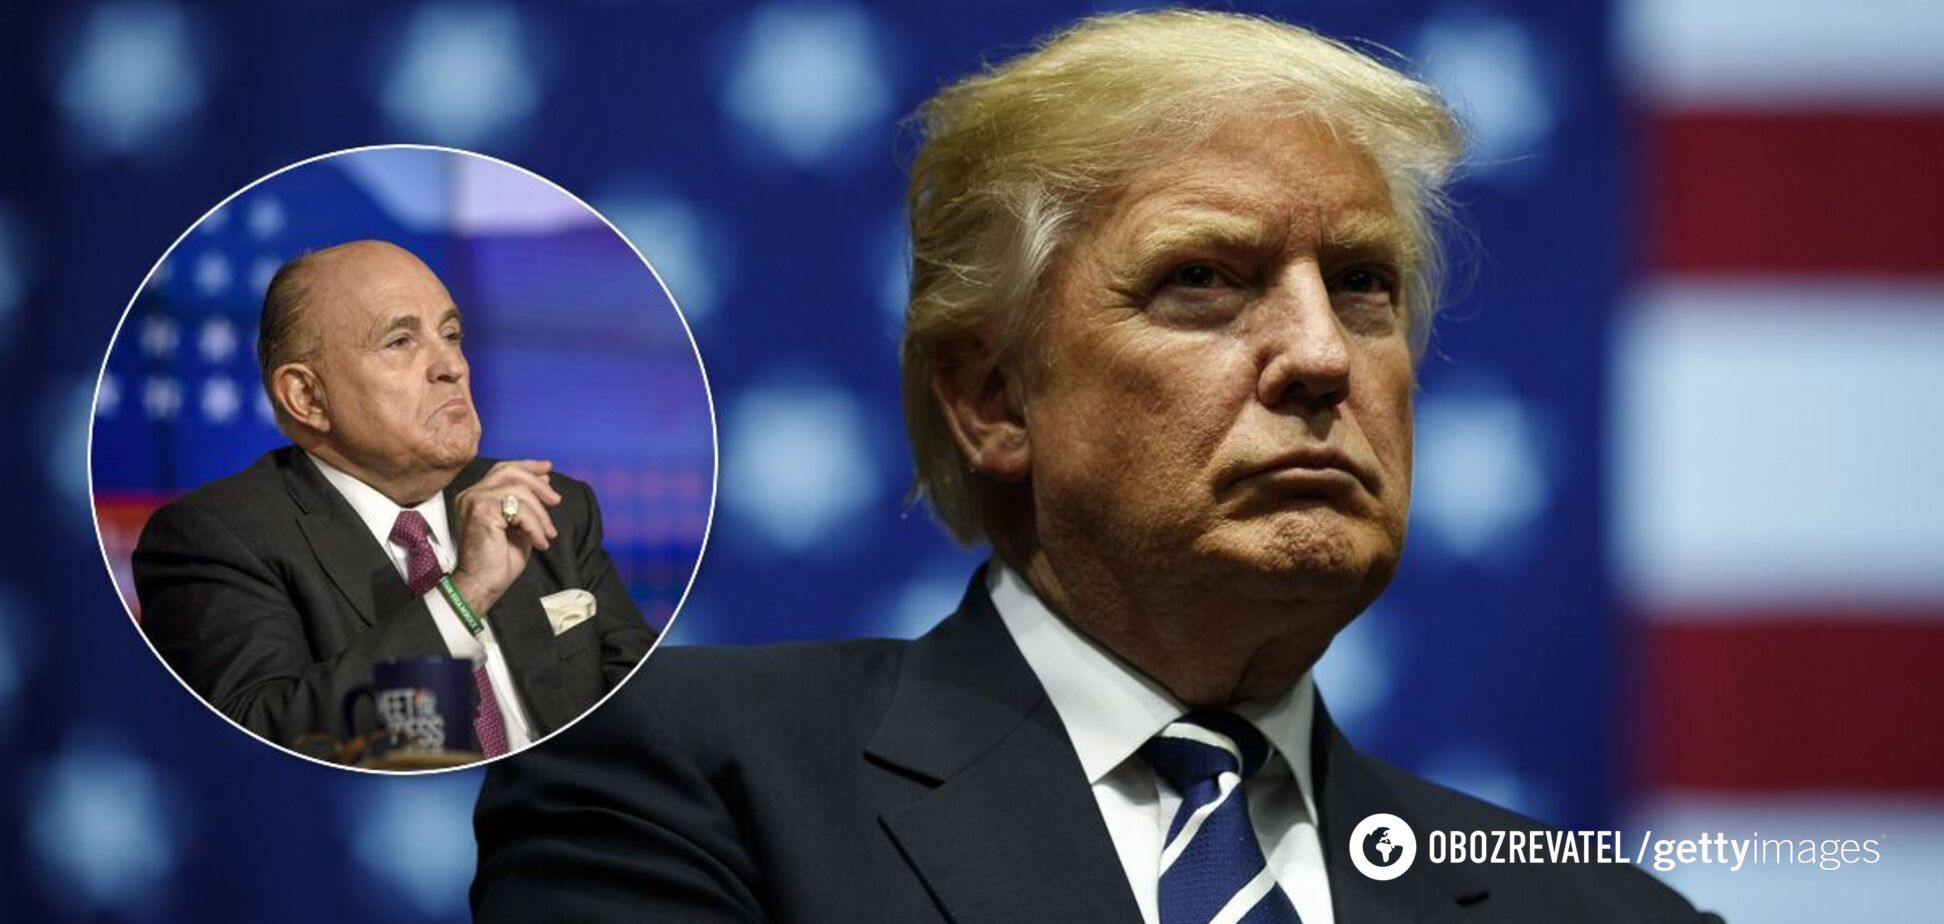 Трамп обиделся на Джулиани и призвал не платить ему $20 тыс. в день – СМИ